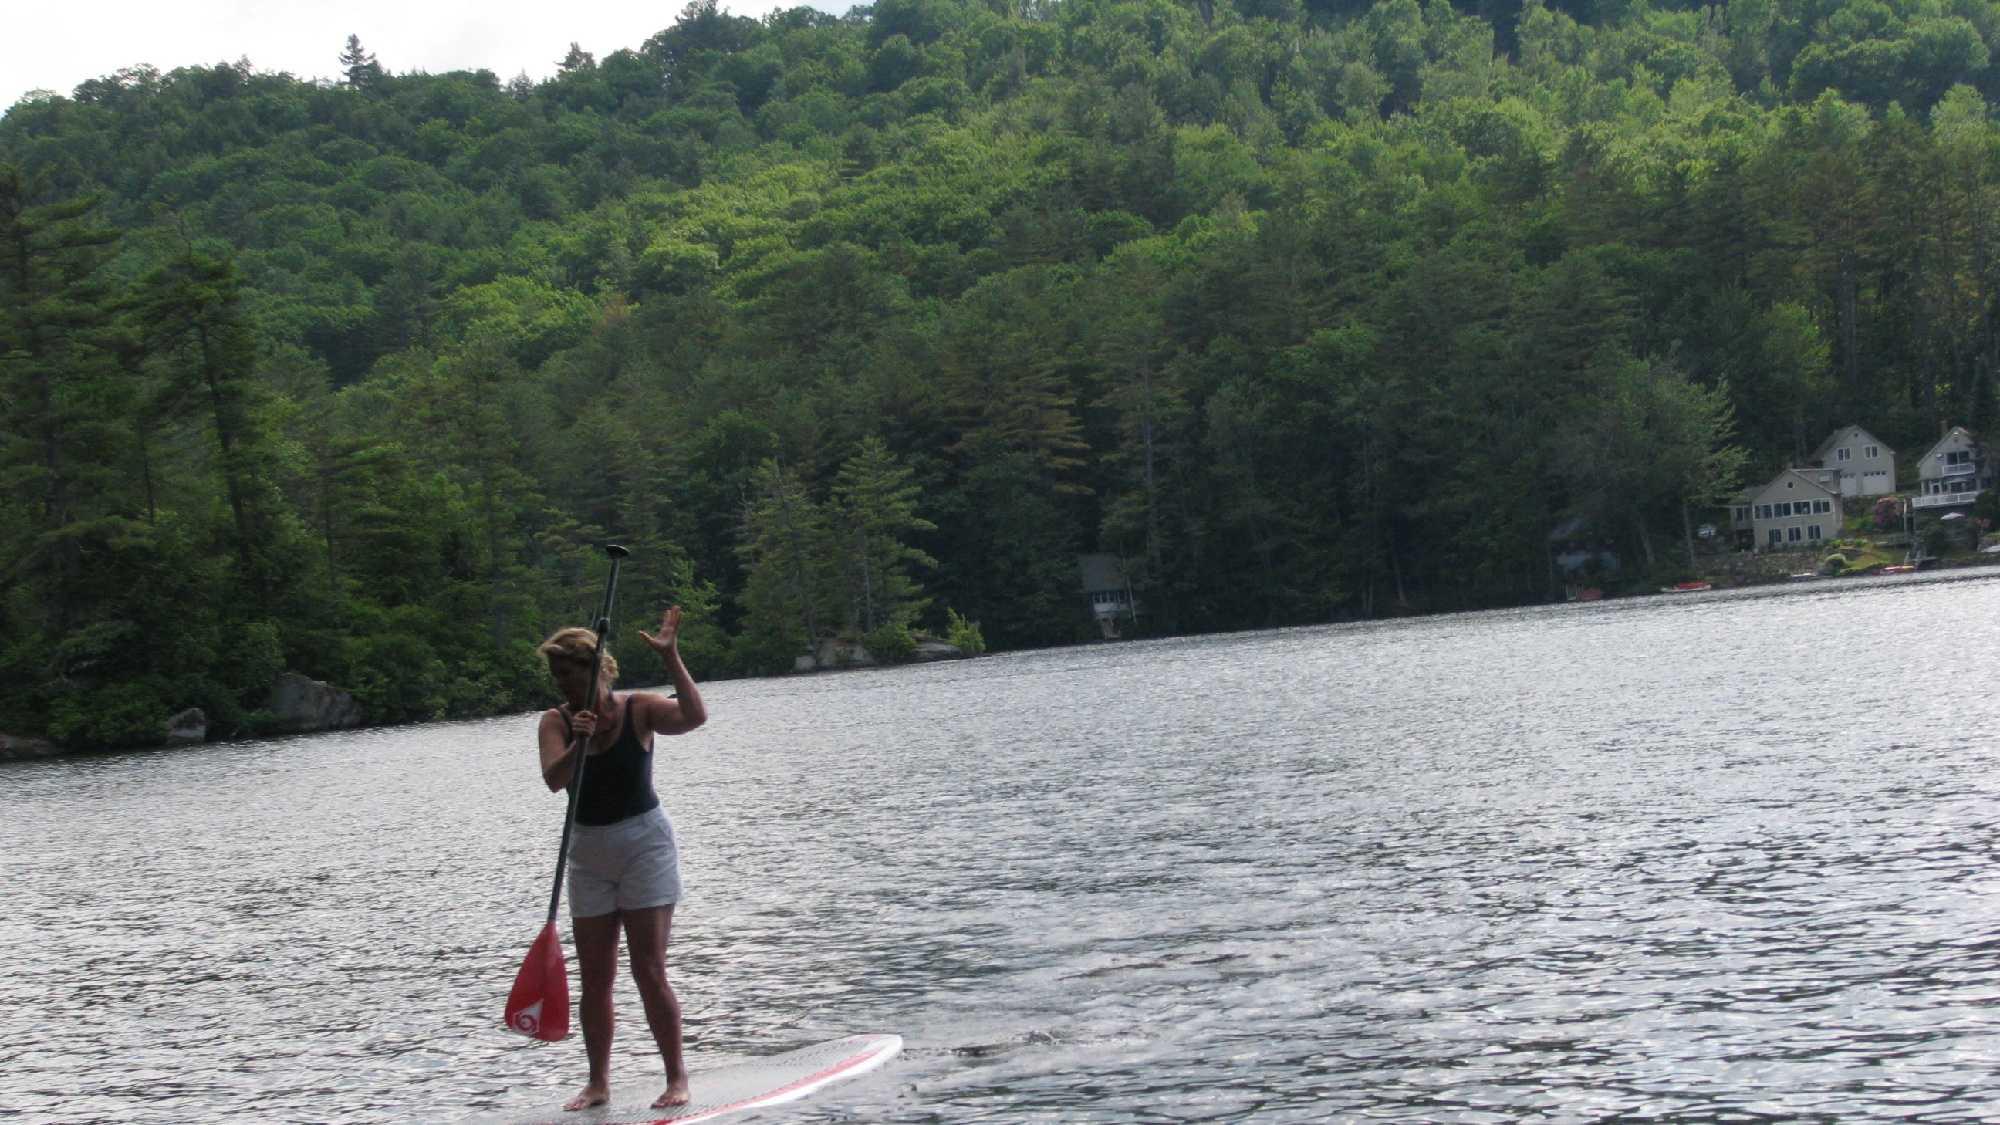 img- paddleboarding